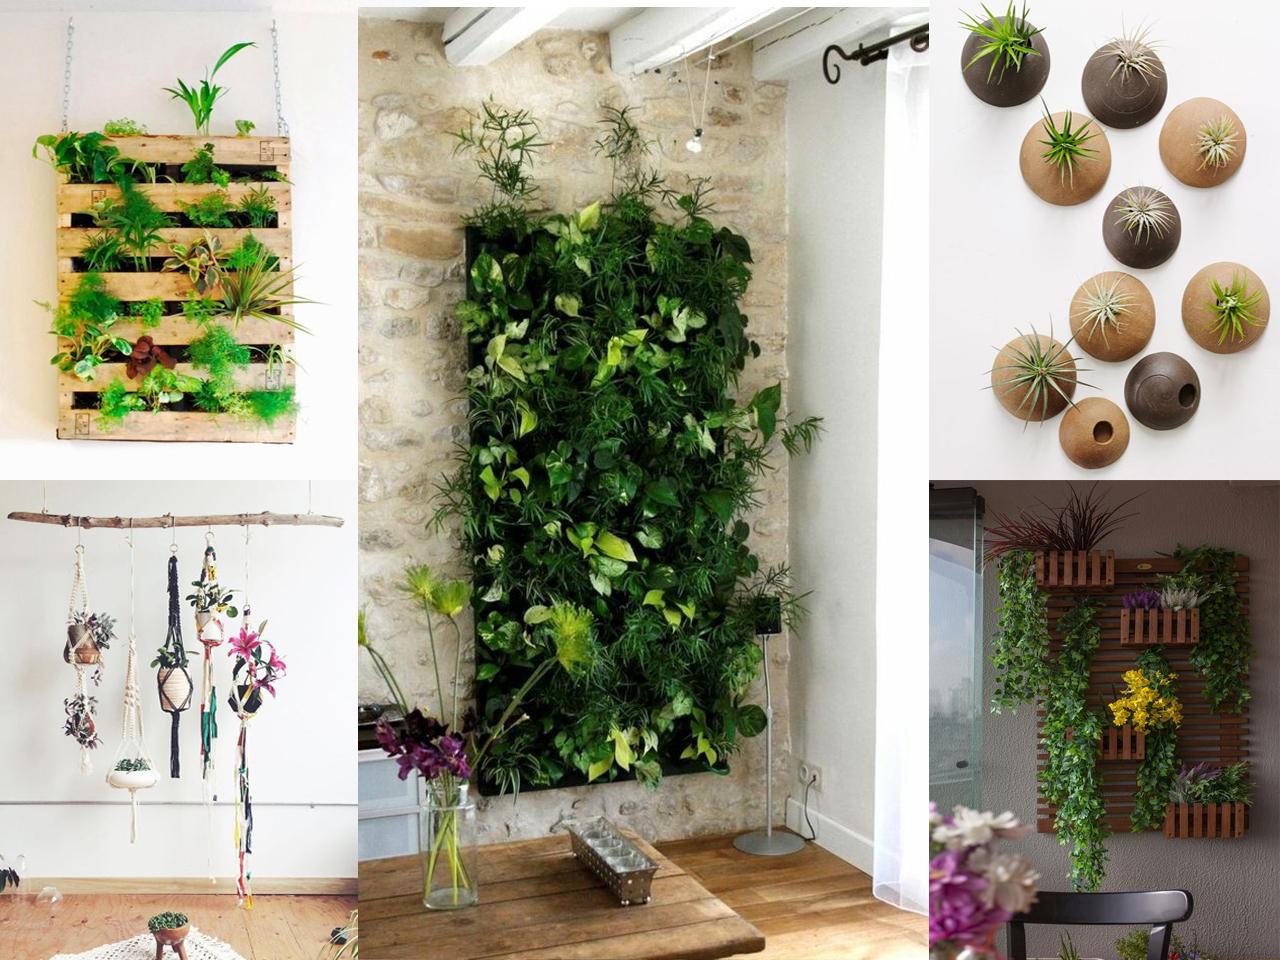 Jardines verticales ideas para incluirlos en tu decoraci n for Ideas para construir jardines verticales